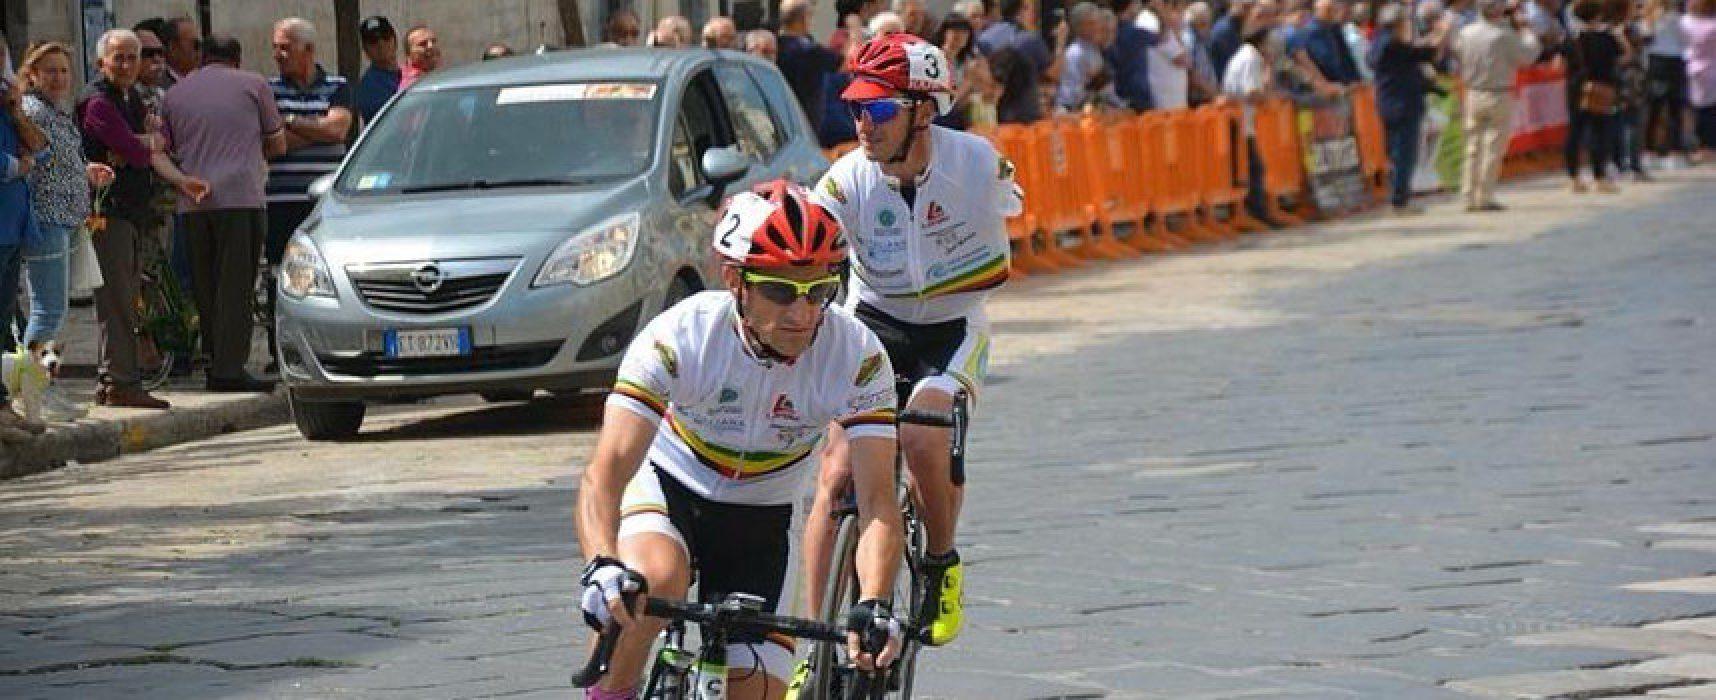 Ciclismo: Cavallaro protagonista a Santeramo in Colle e Ruvo di Puglia